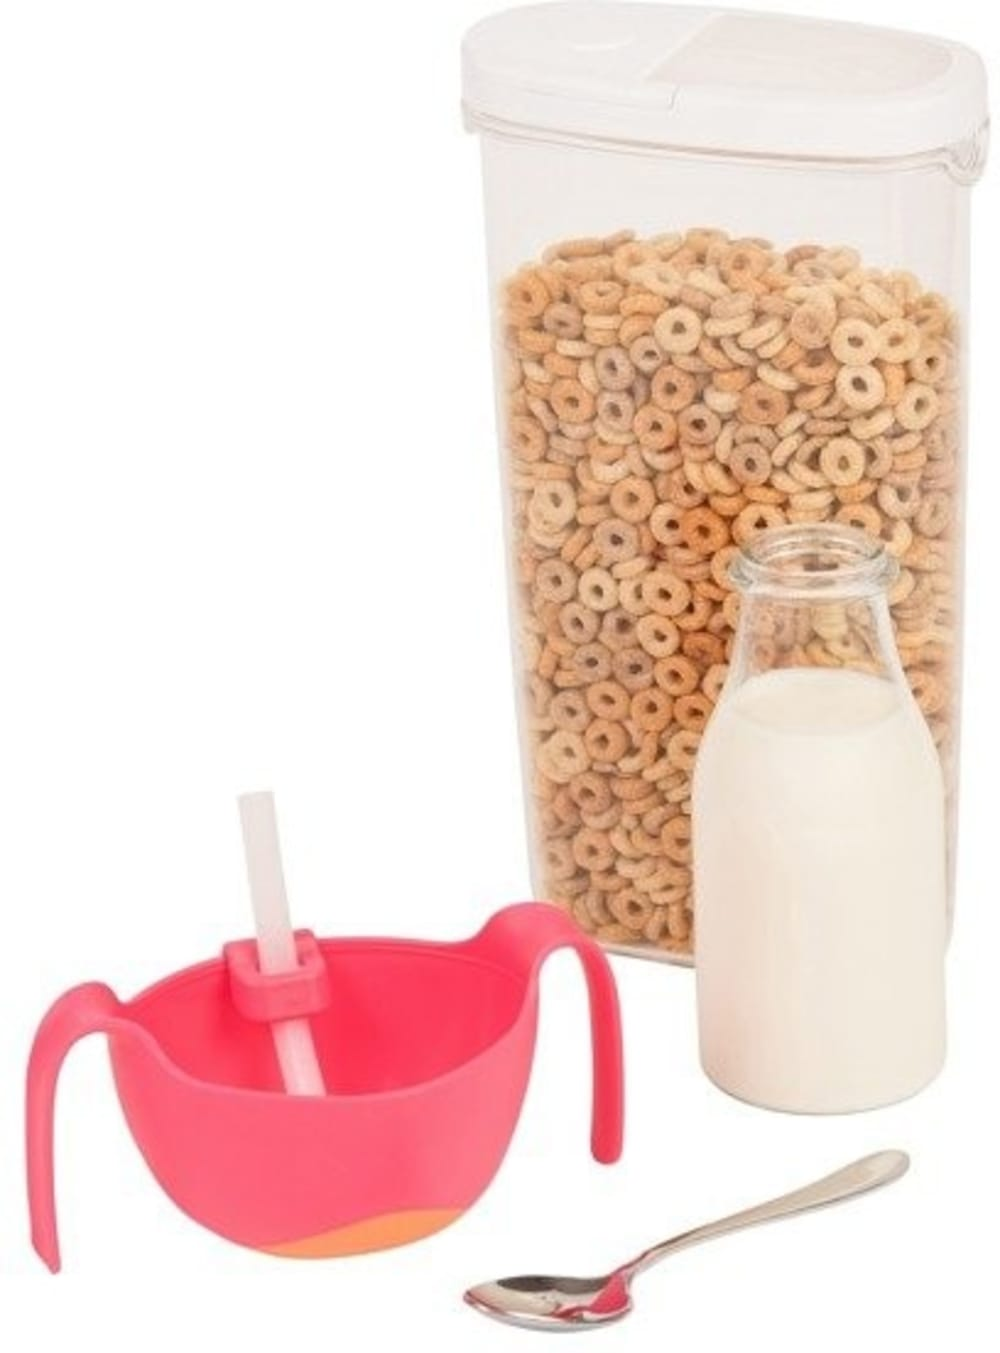 Miseczka ze słomką b.box - strawberry shake